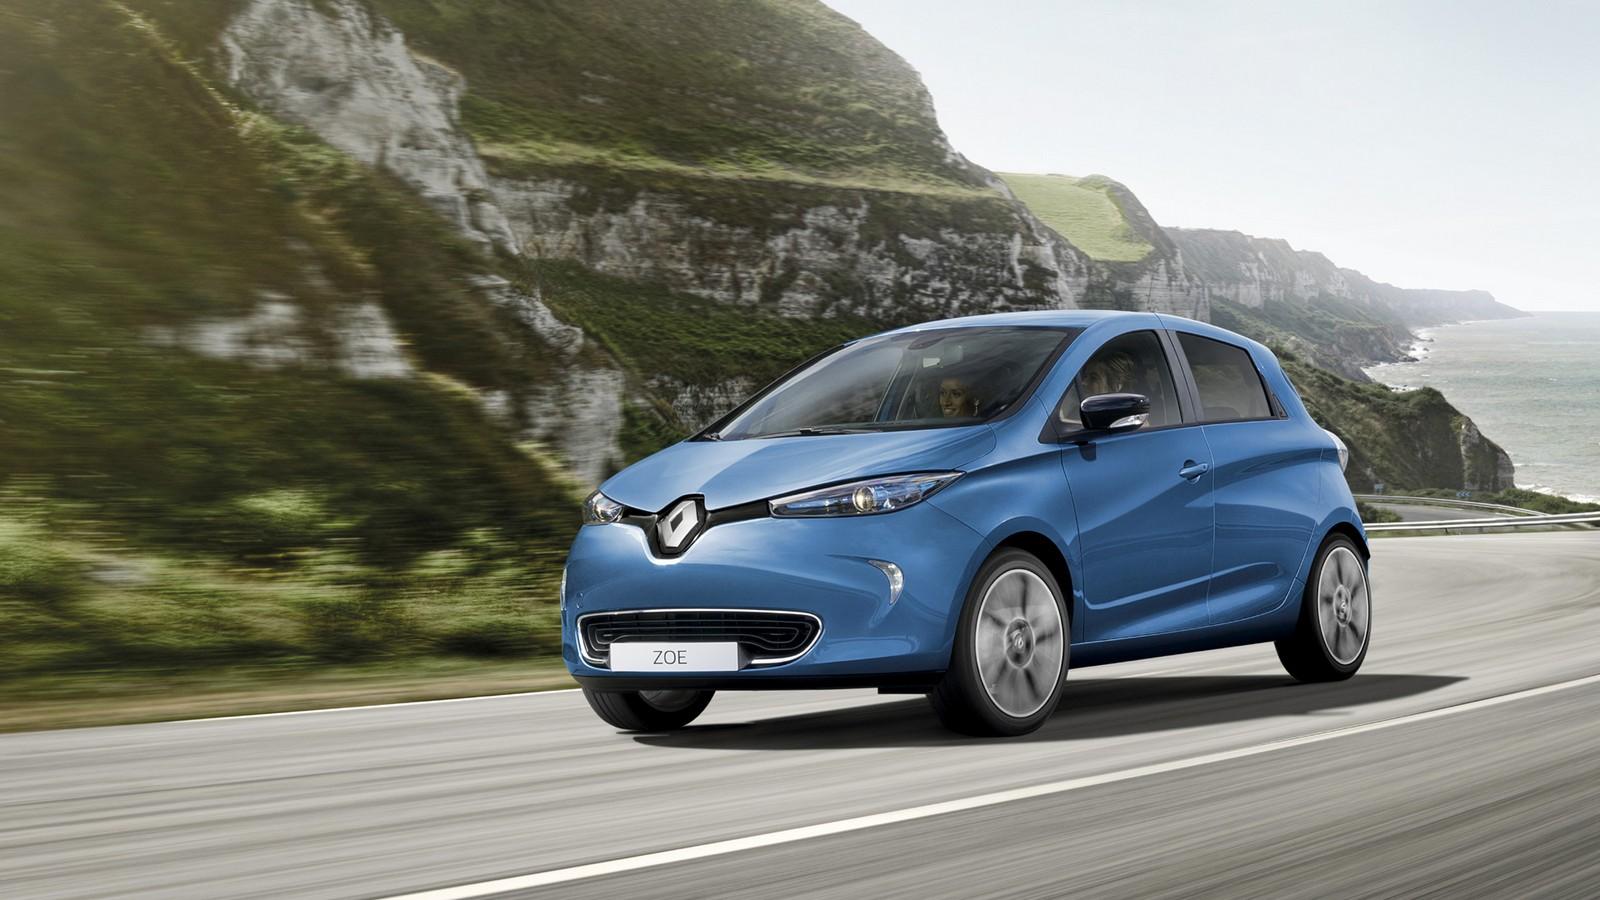 Autonomia coches electricos